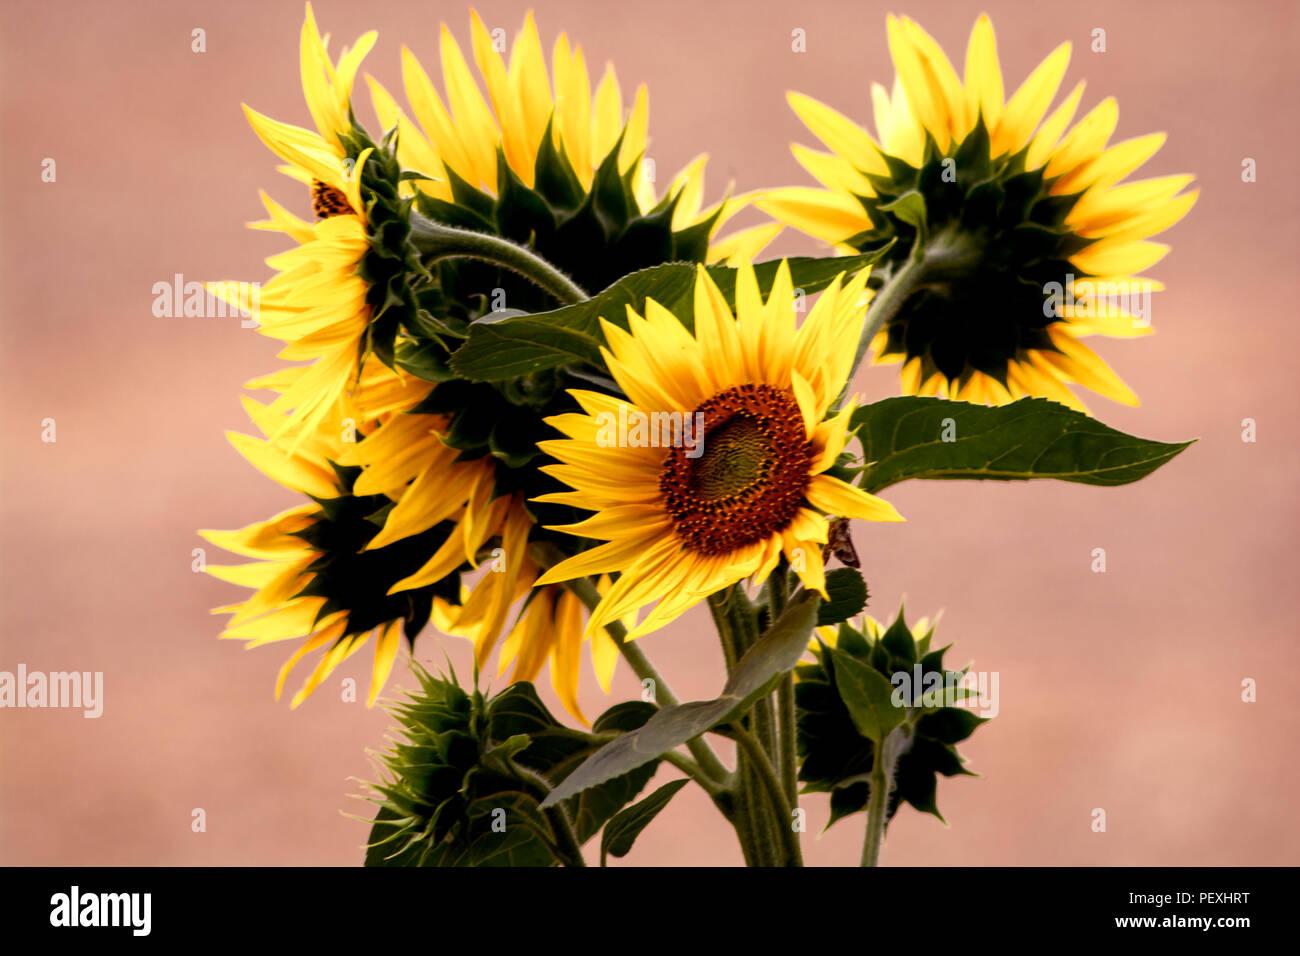 DE - Concept nature : The sunflower bouquet - Stock Image